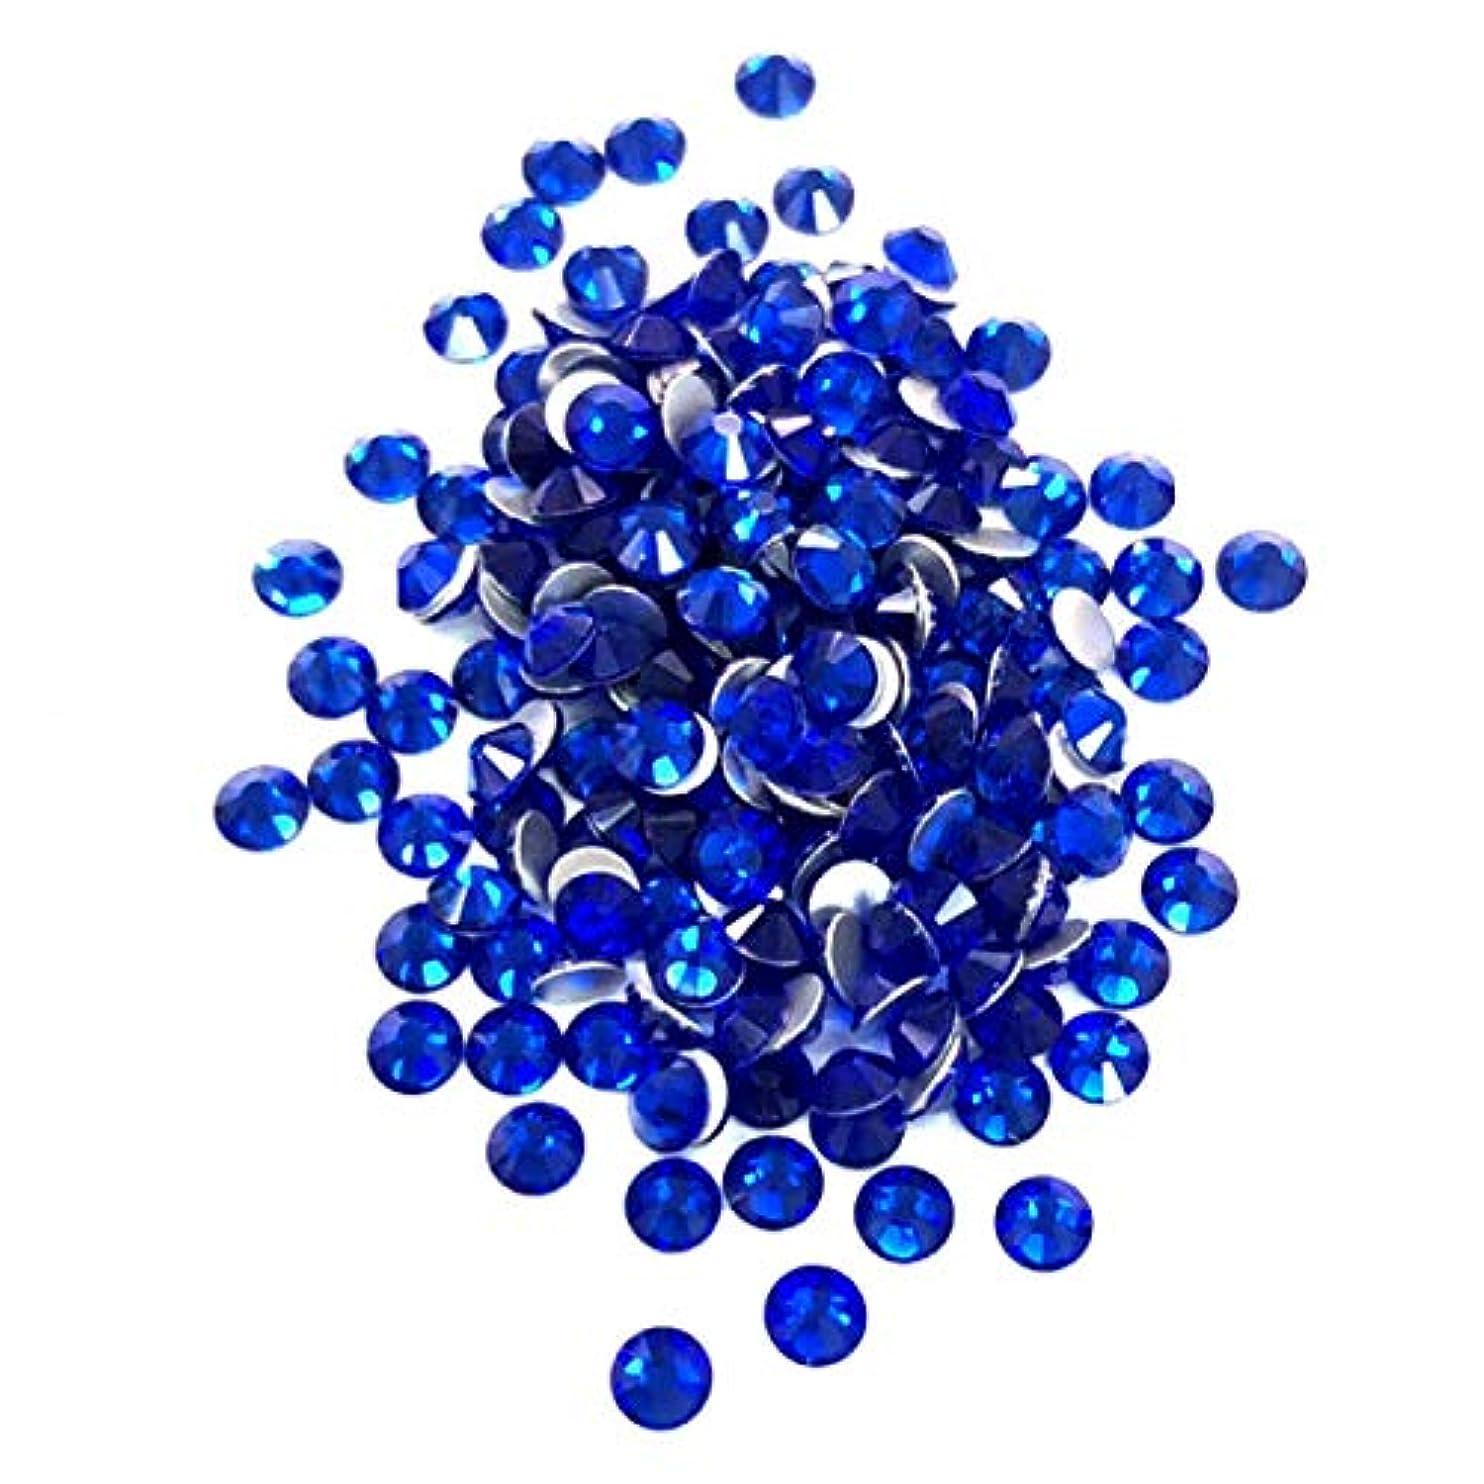 原稿全く犬【ネイルウーマン】最高品質ガラスストーン!スワロ同等の輝き! サファイア ブルー 青色 (約100粒入り) (サファイア) (SS8, サファイア)